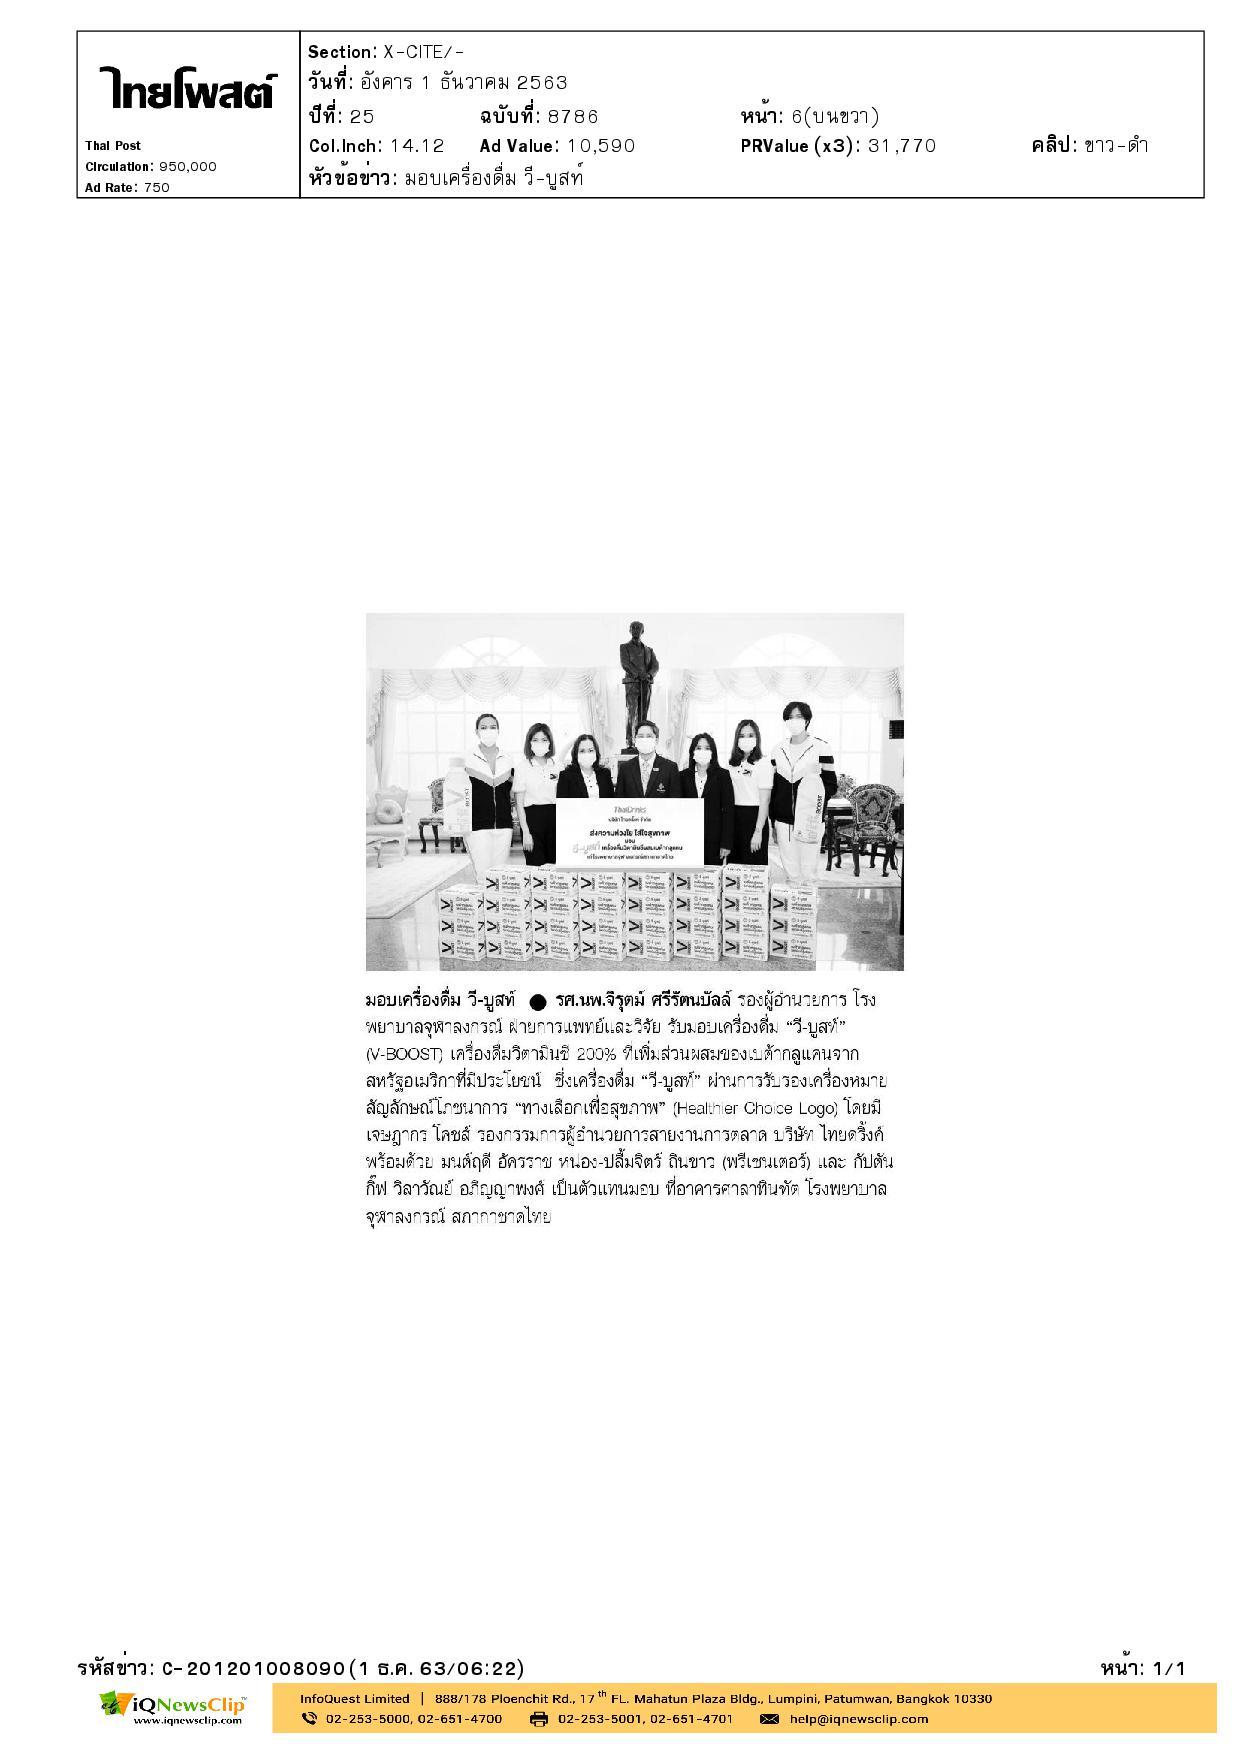 """รศ.นพ.จิรุตม์ ศรีรัตนบัลล์ รับมอบเครื่องดื่ม """"วี-บูสท์"""" เครื่องดื่มวิตามินซี จาก บริษัท ไทยดริ้งค์"""